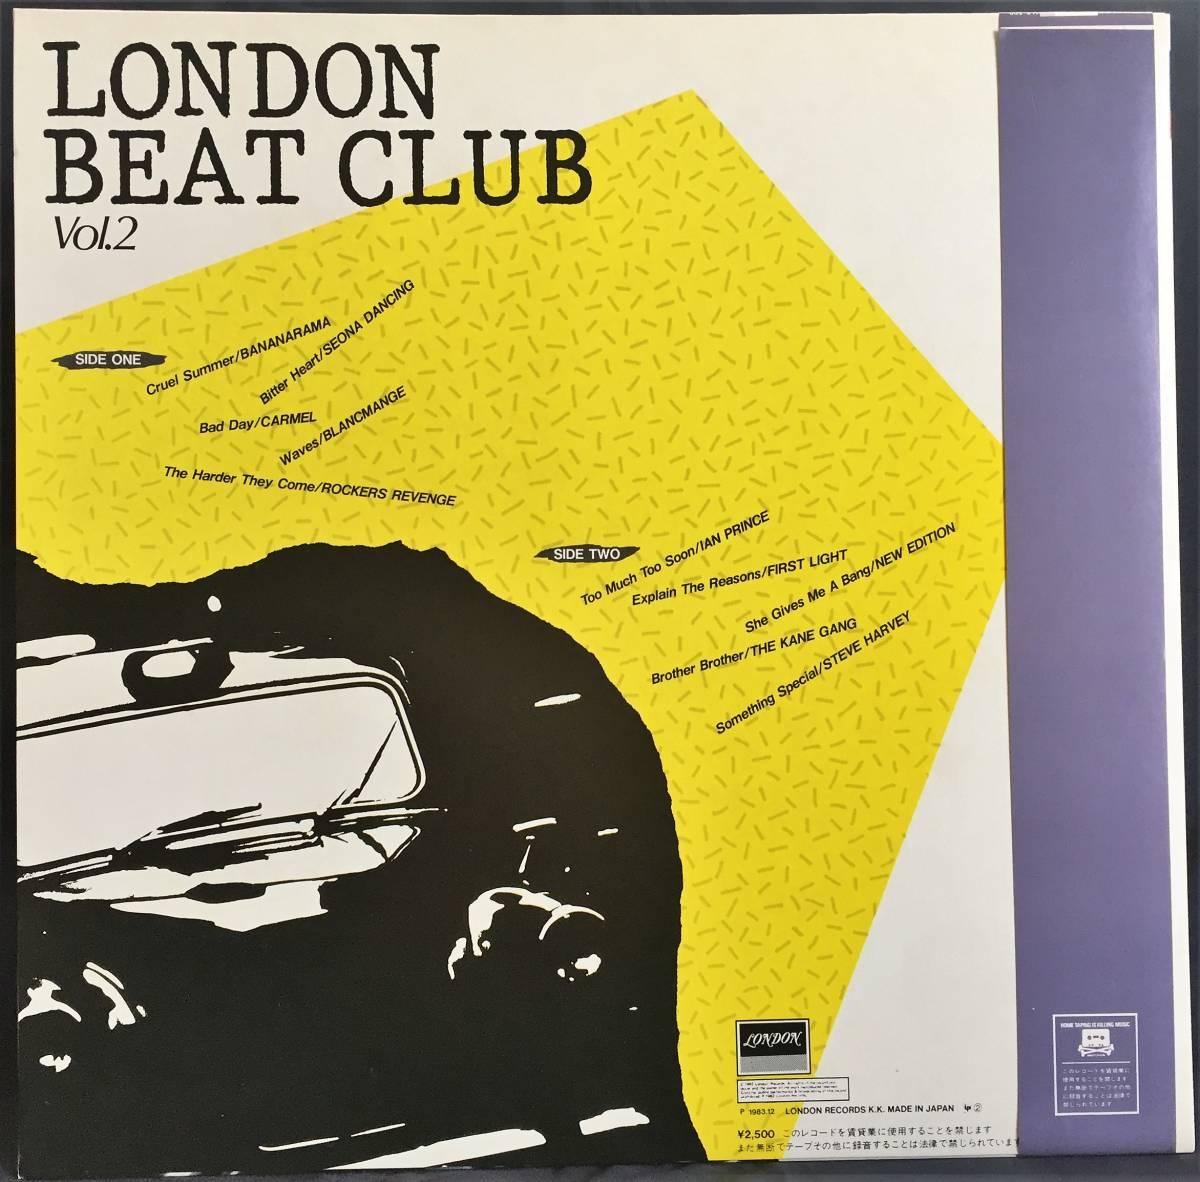 見本盤 帯・解説付 LP ロンドン・ビート・クラブ VOL.2 LONDON BEAT CLUB L25P-1158_画像2